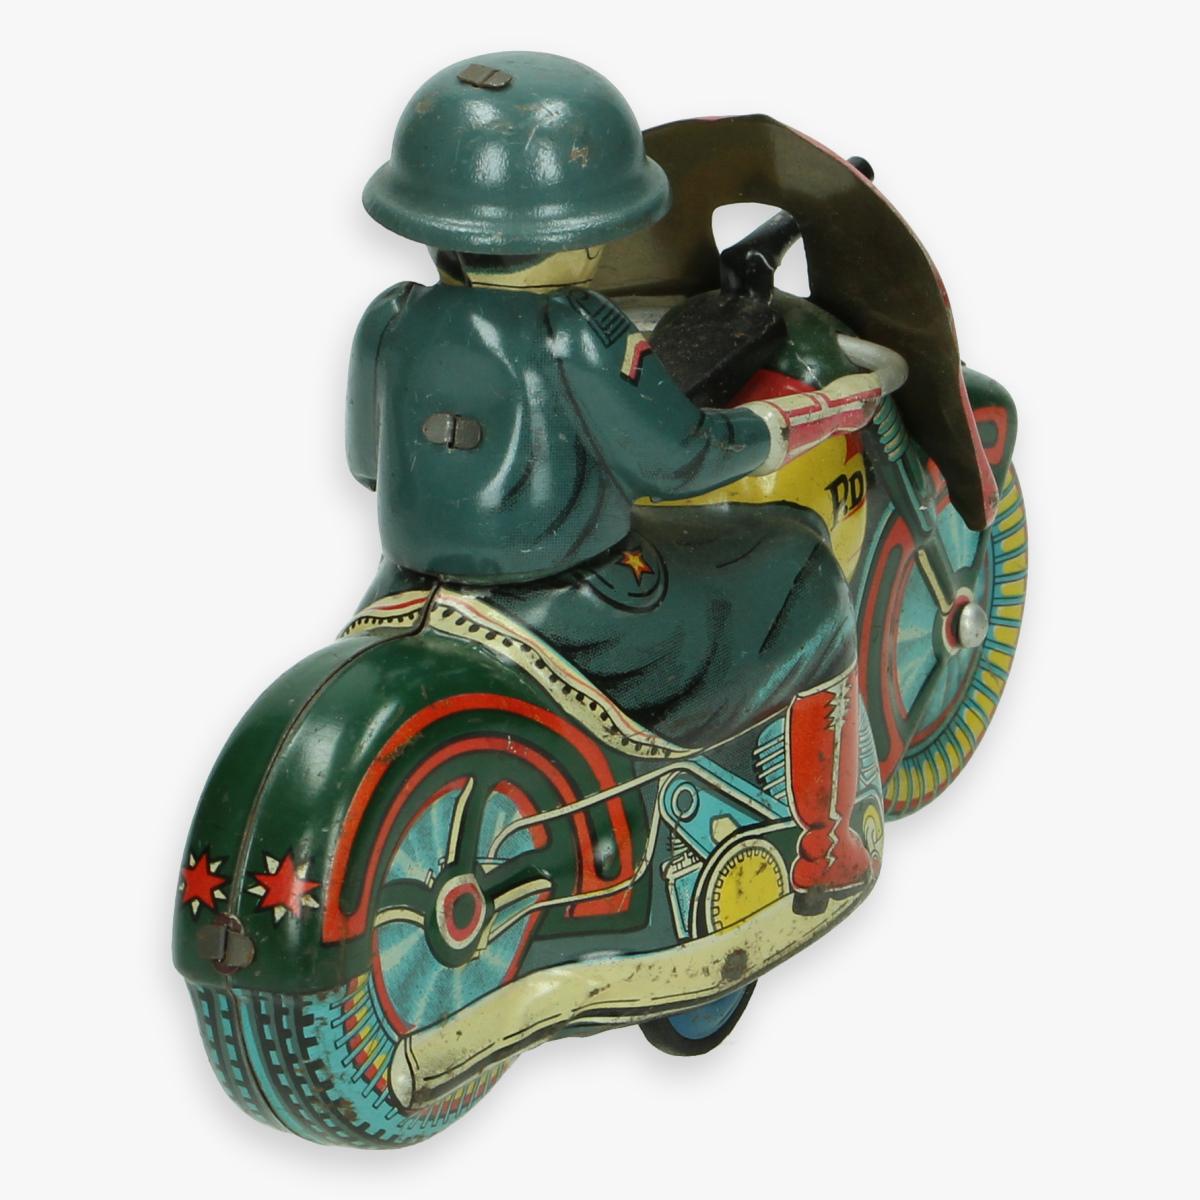 Afbeeldingen van blikken motor made in Japan army motorcycle jaren 50